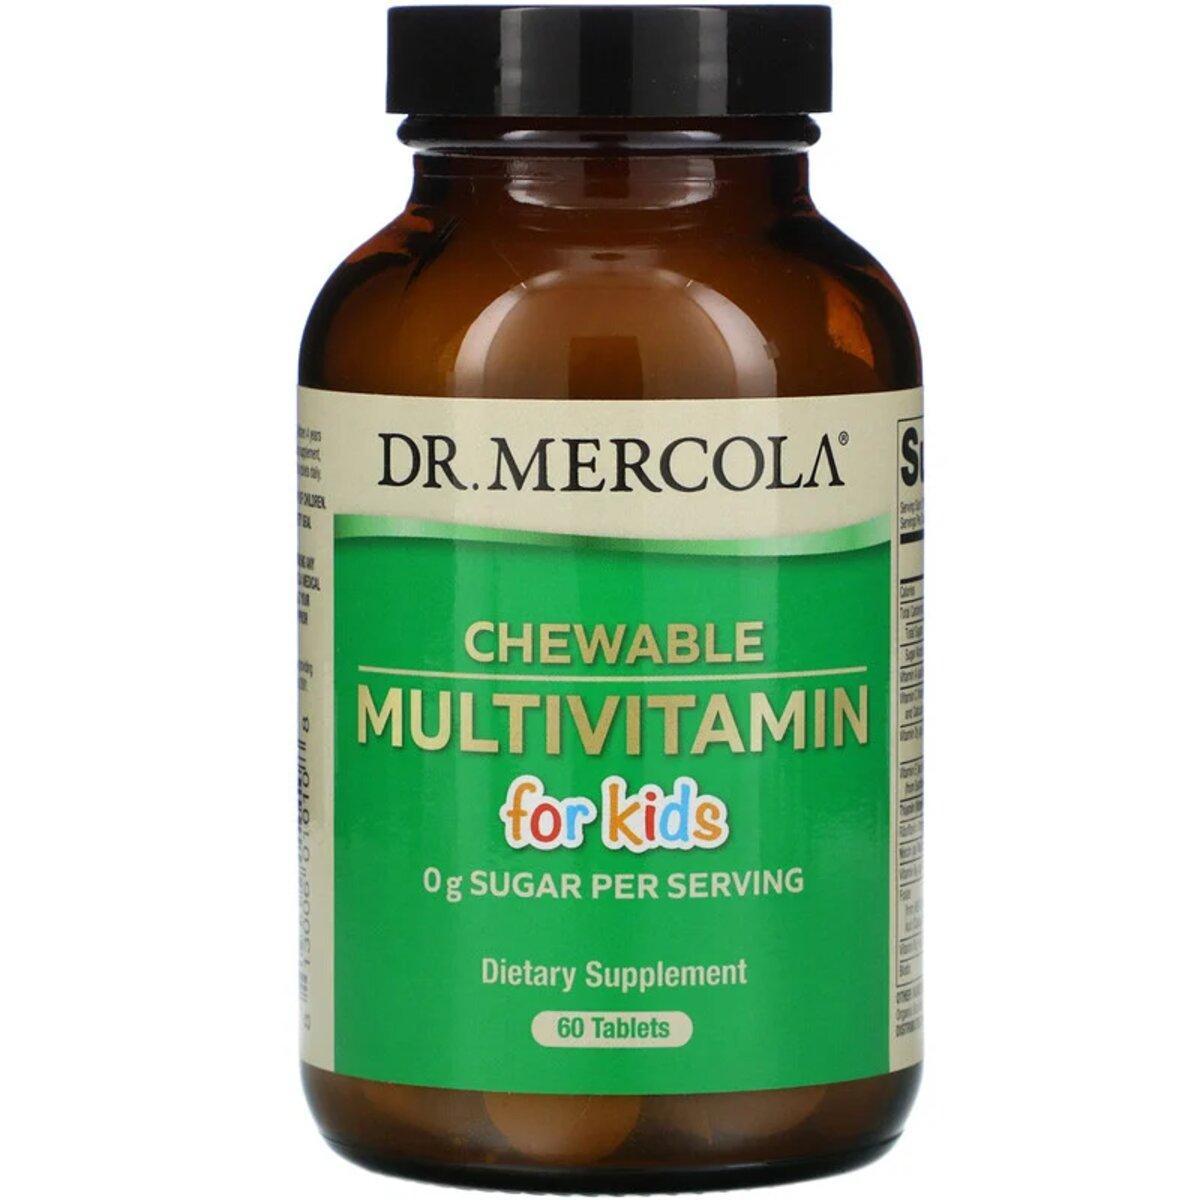 Мультивитамины для детей, Chewable Multivitamin for Kids, Dr. Mercola, 60 жевательных таблеток